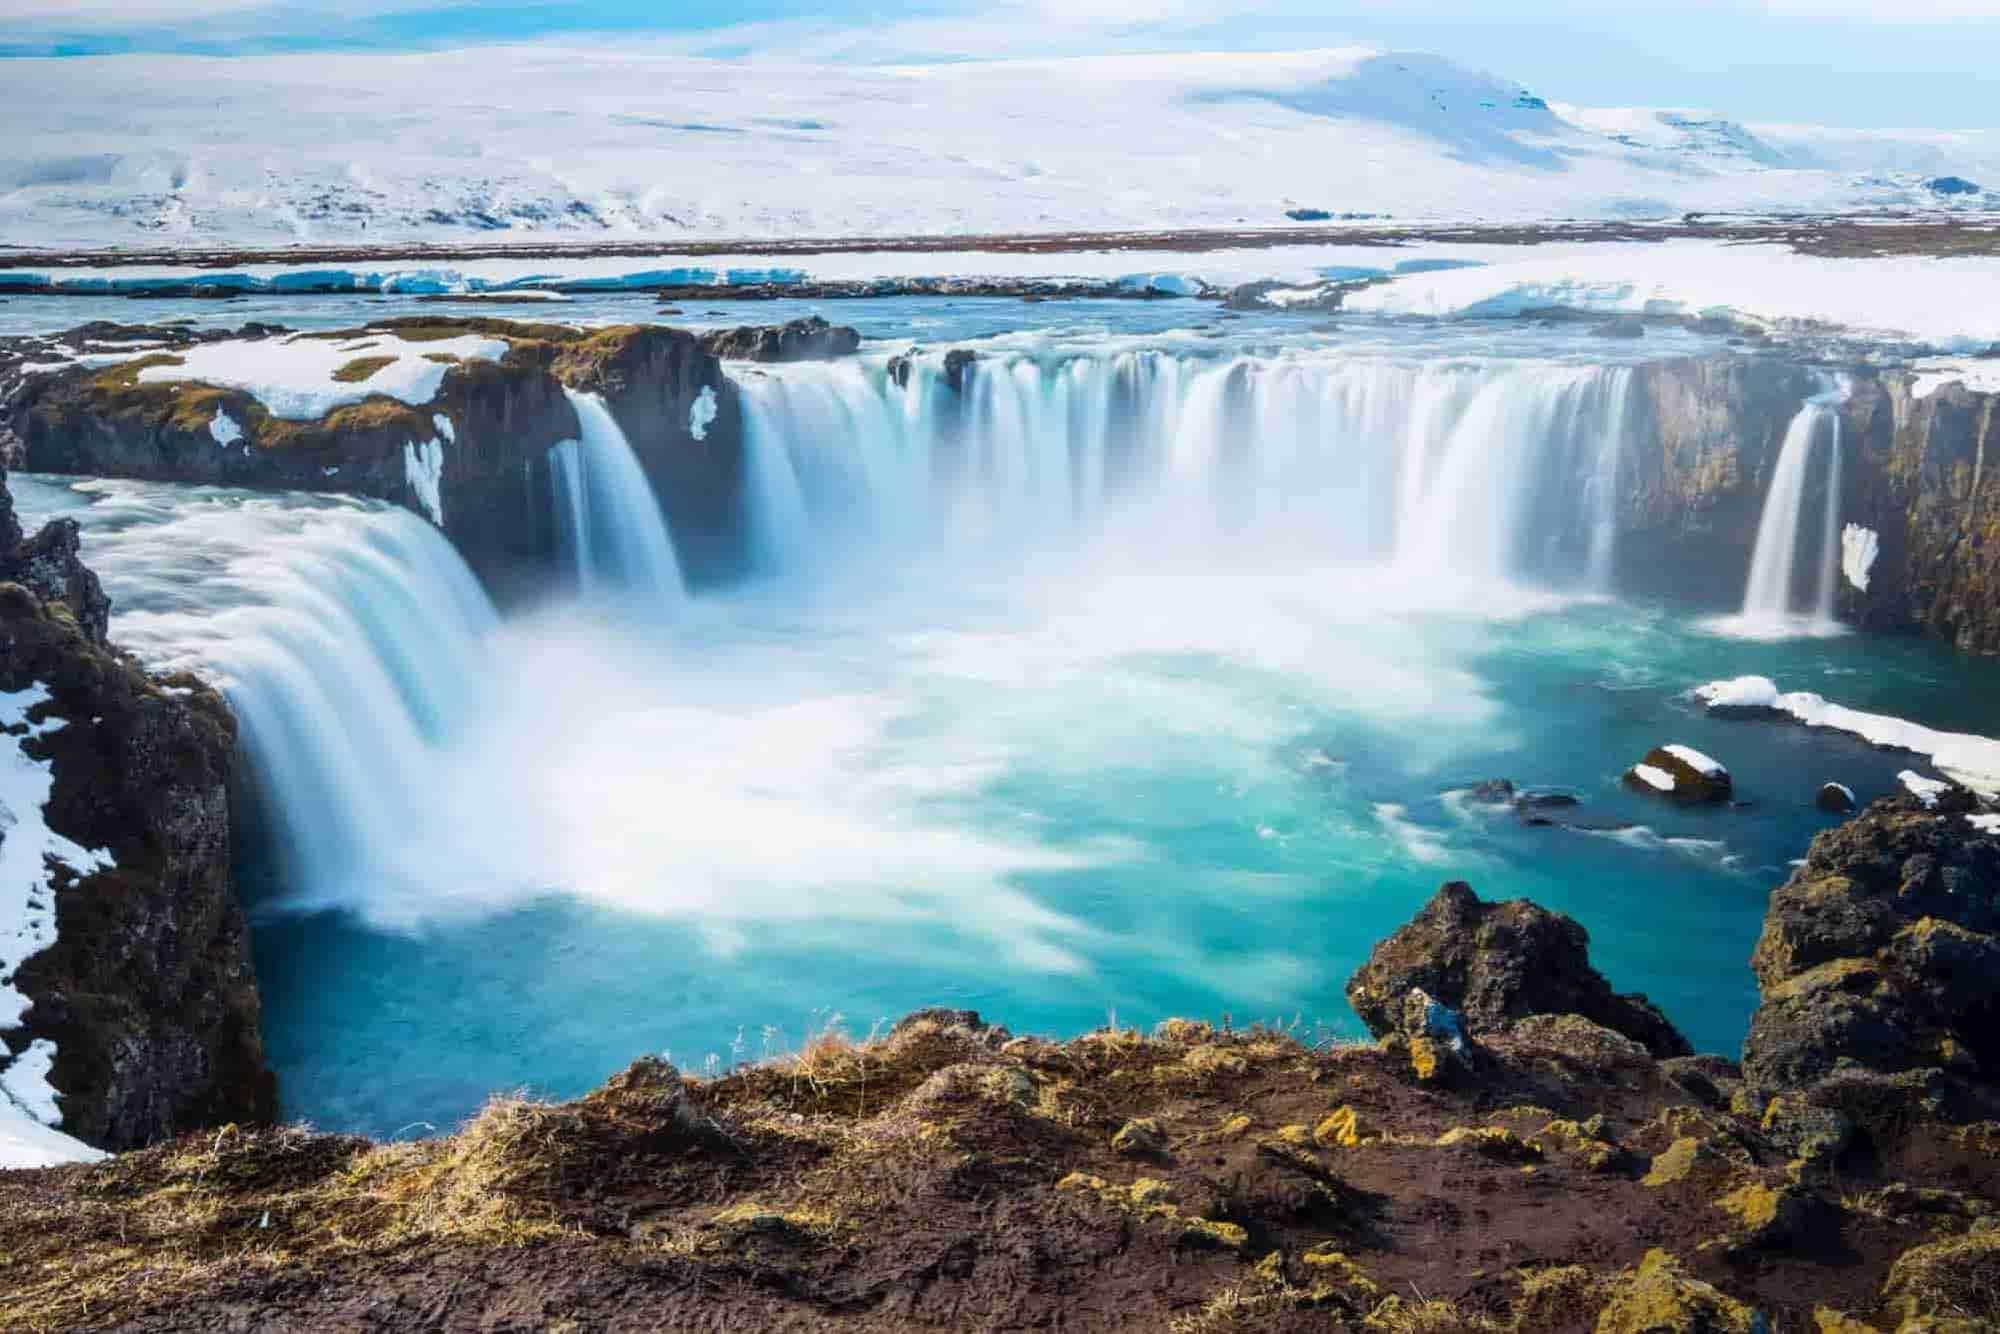 Ein Wasserfall mit Schnee im Hintergrund, eine der Landschaften des Island Roadtrips